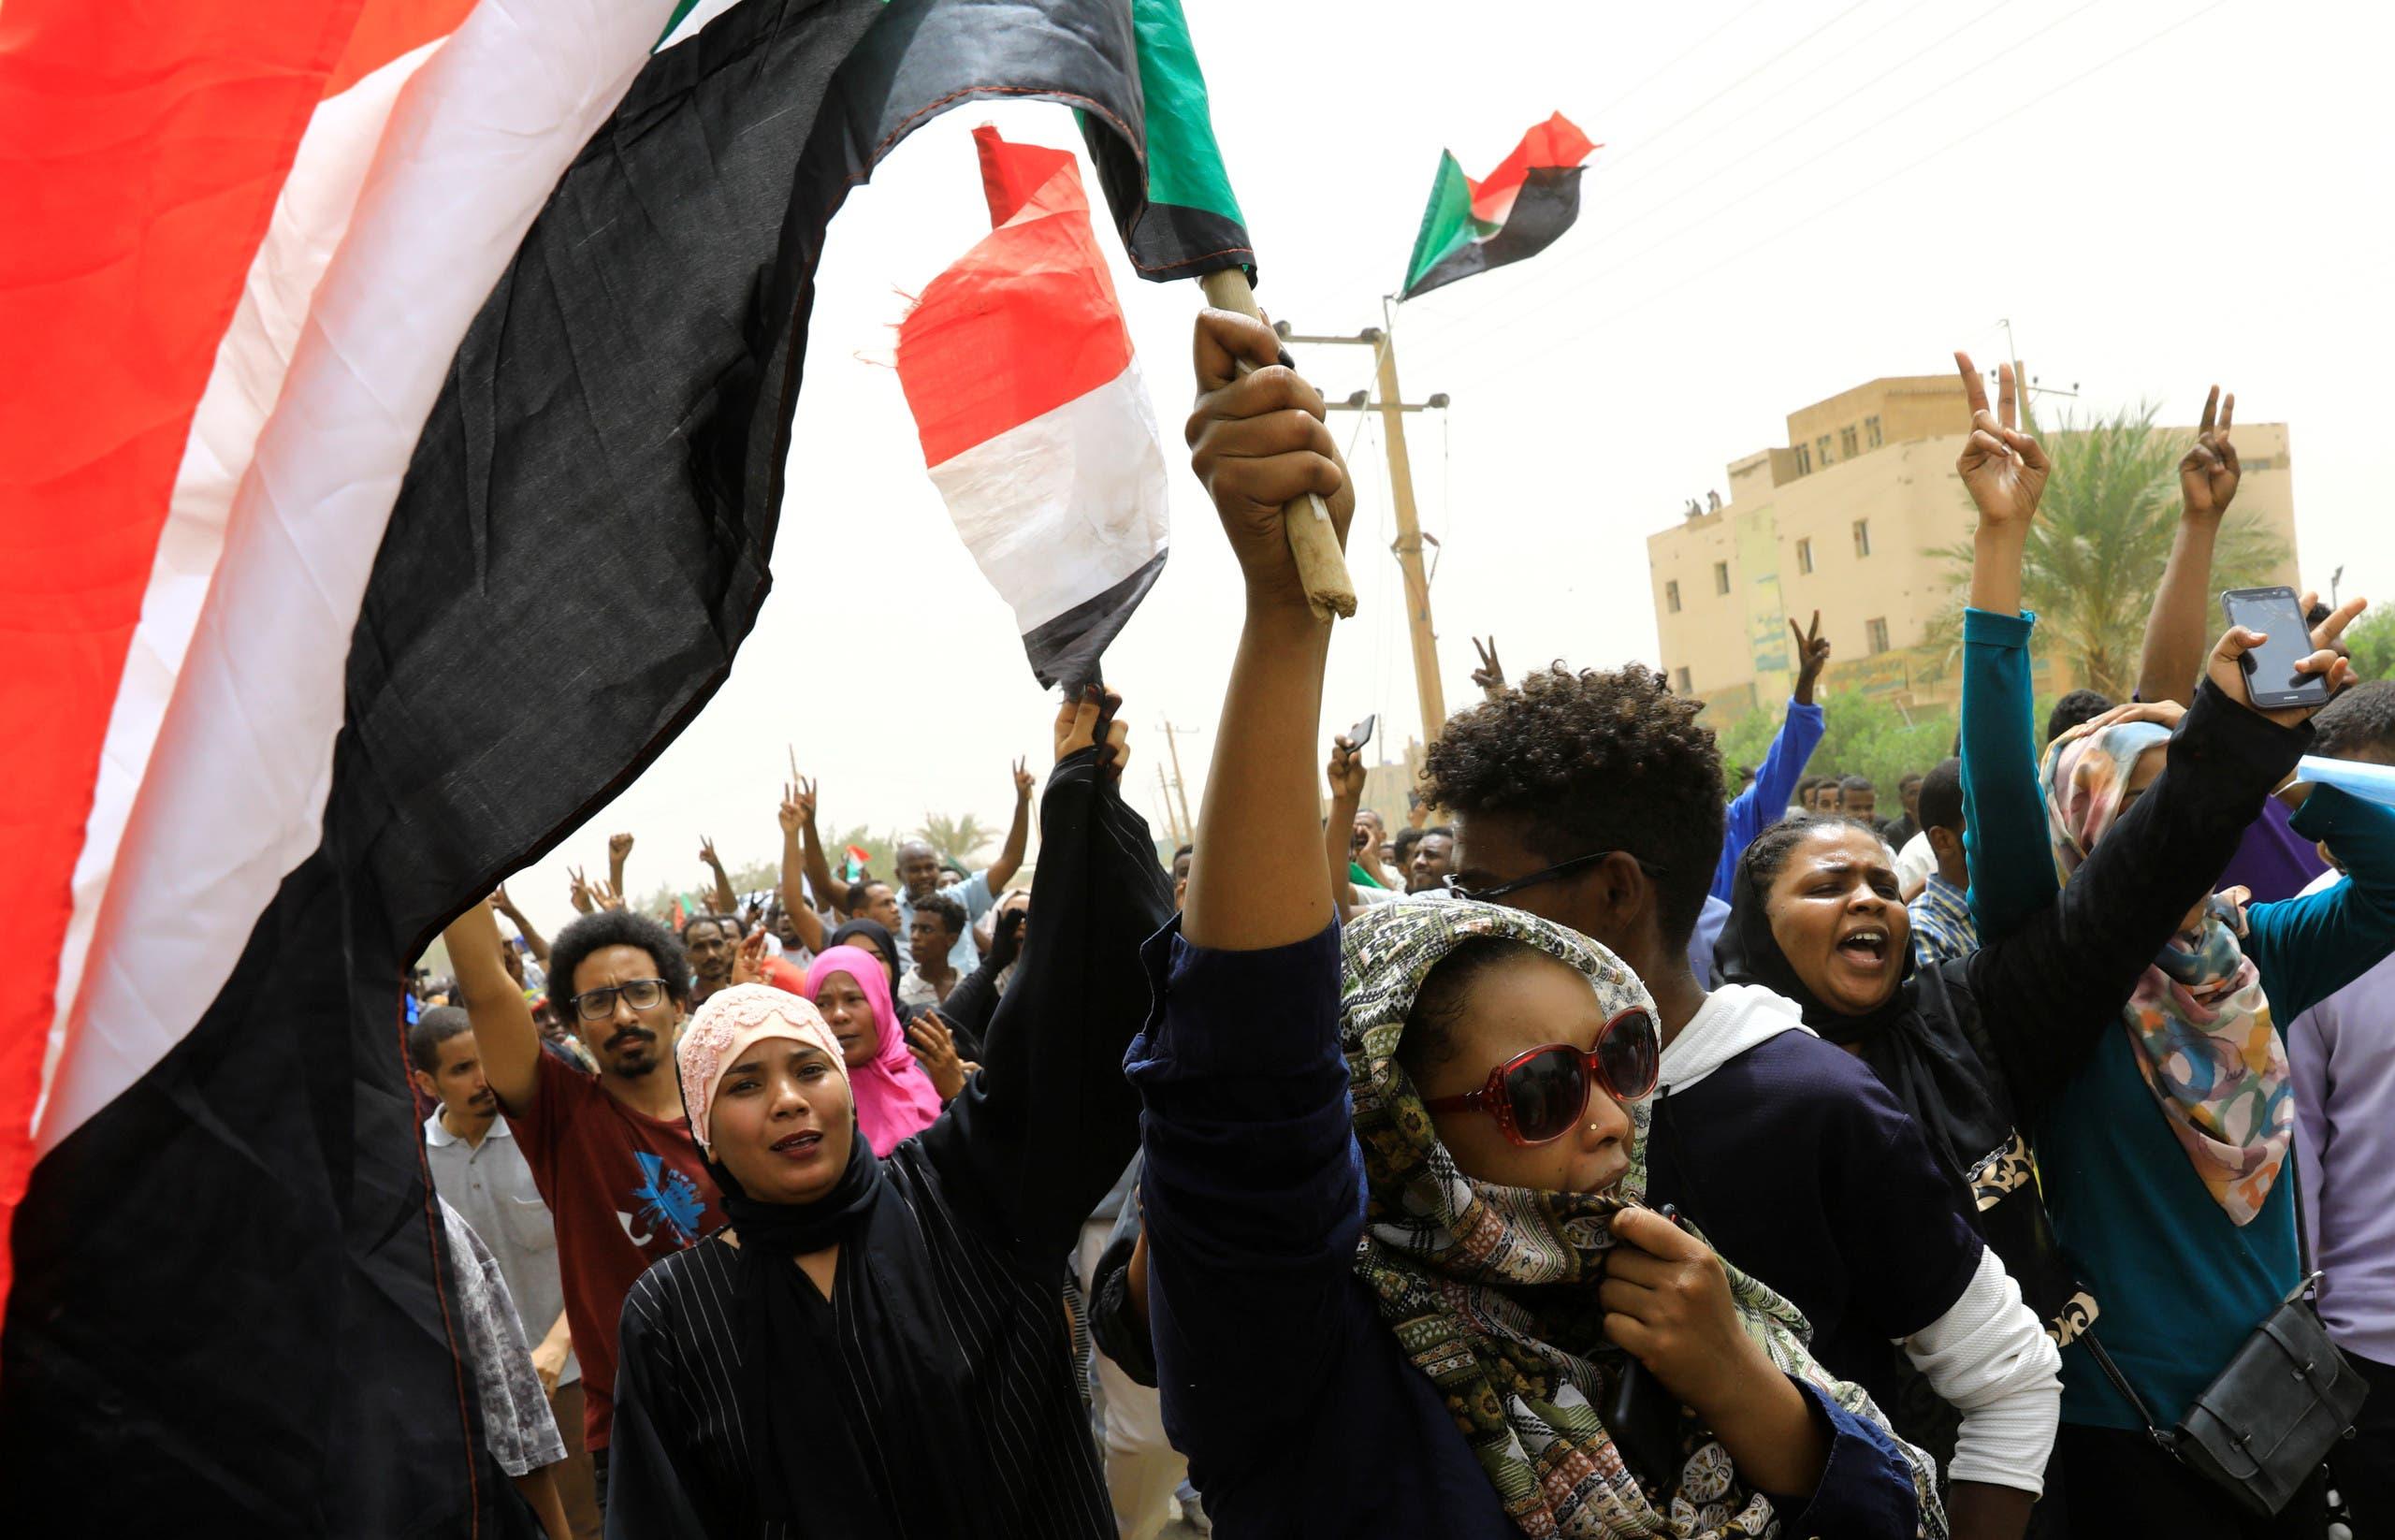 مظاهرات في شوارع الخرطوم الأحد 30 يونيو 2019